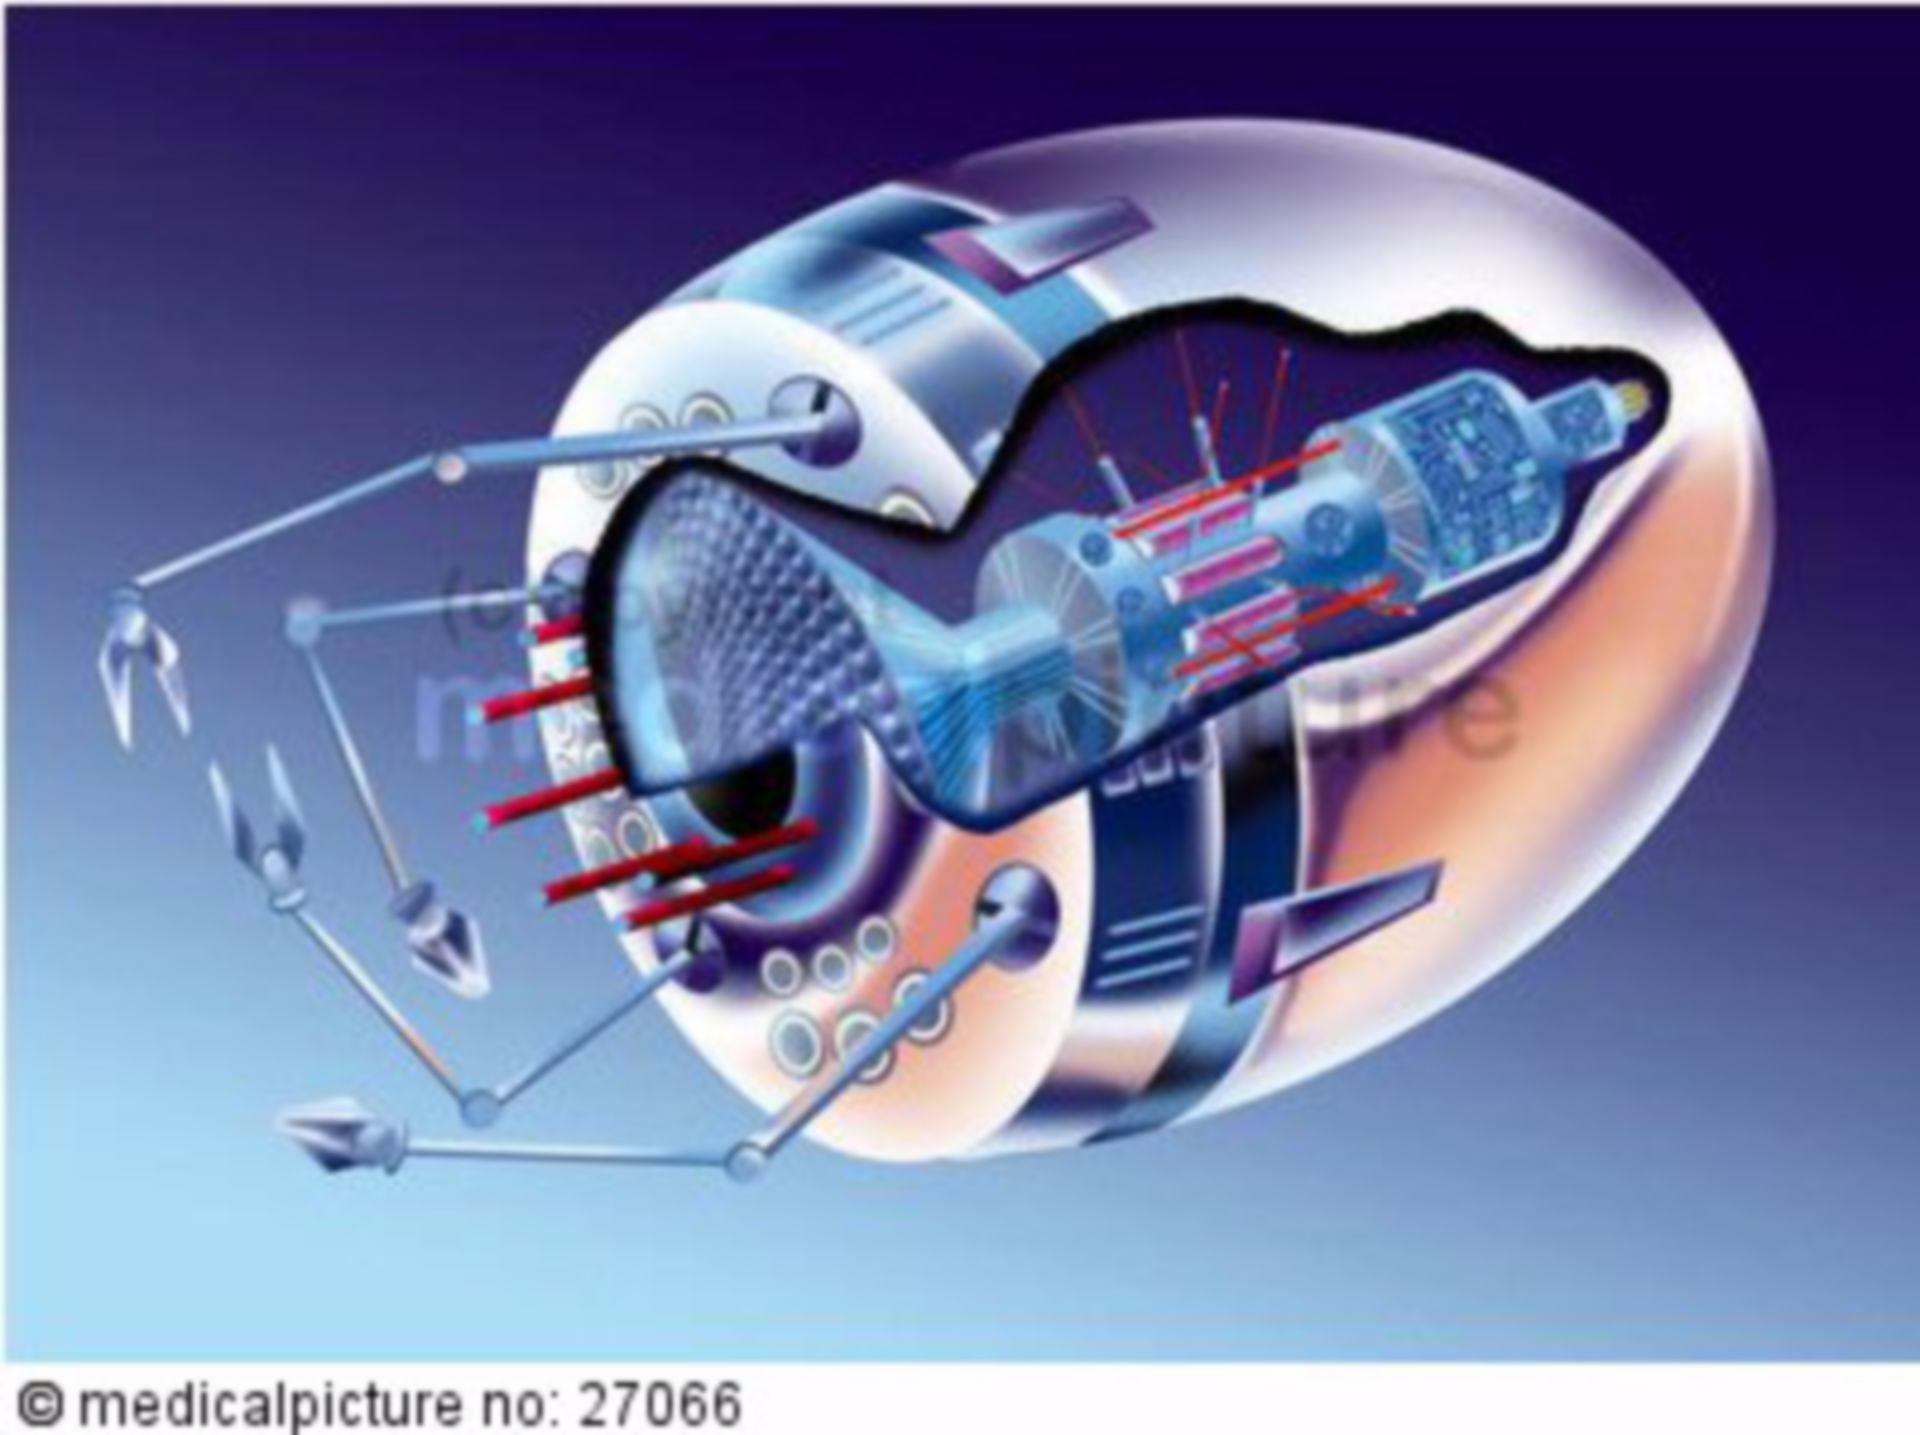 Aufbau und Funktion eines Nanobots